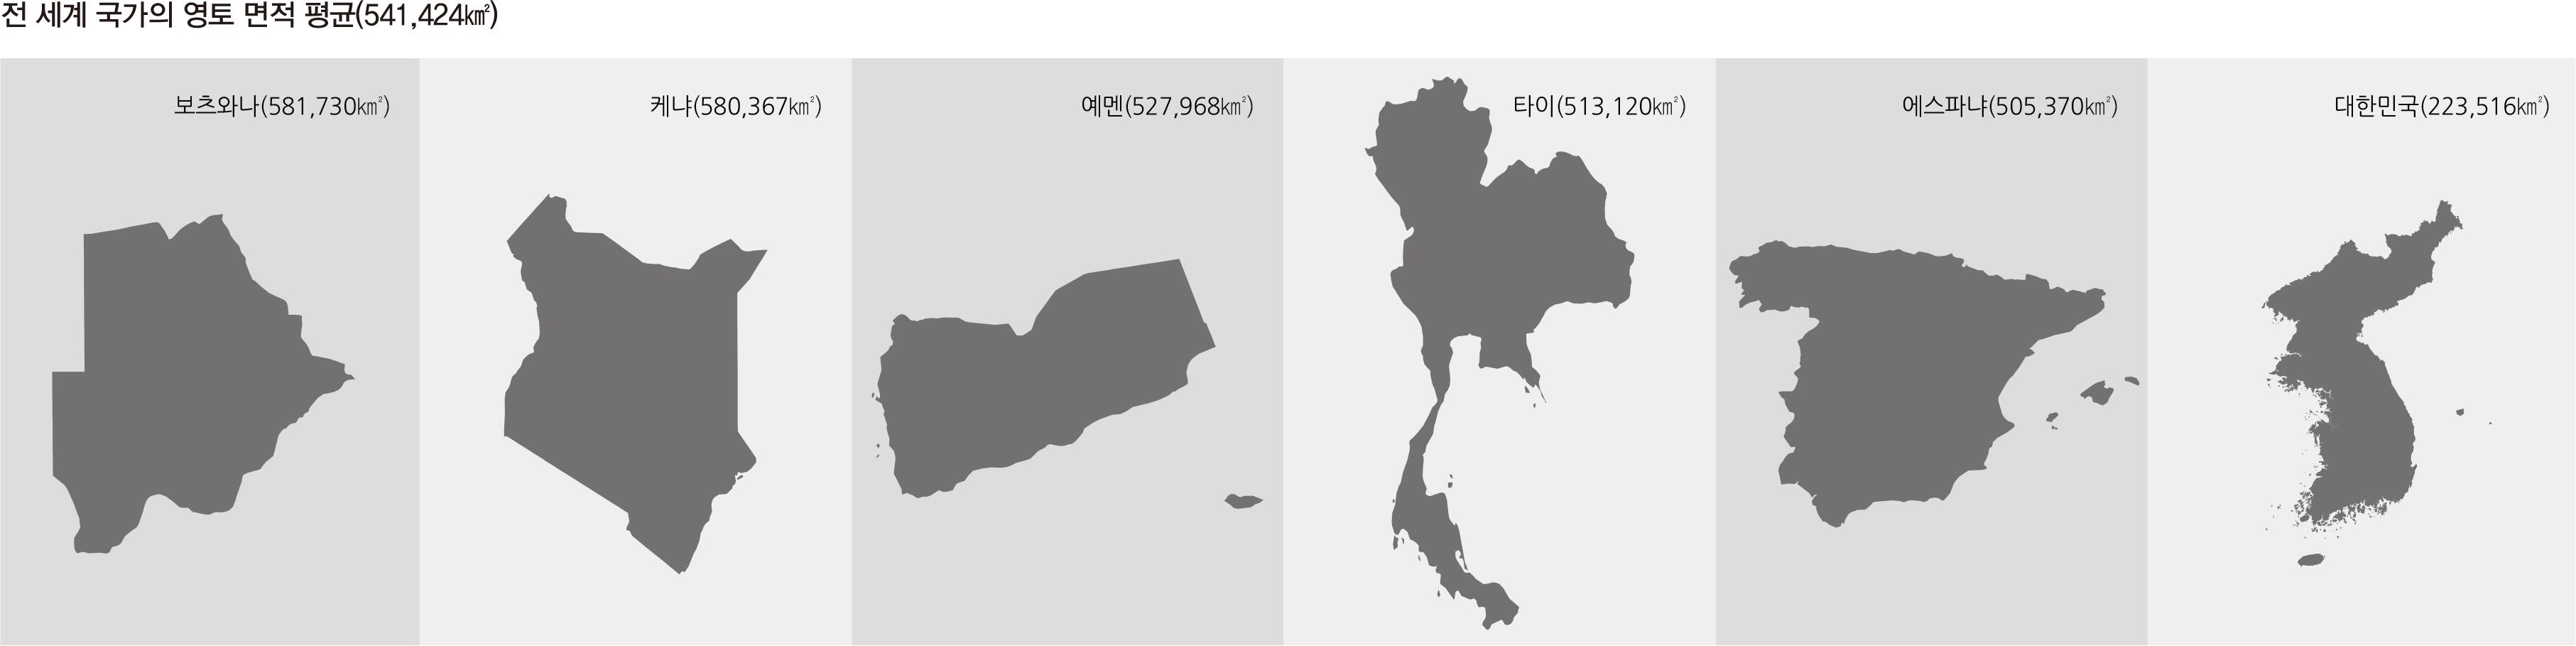 전 세계 국가의 영토 면적 평균(541,424km²)